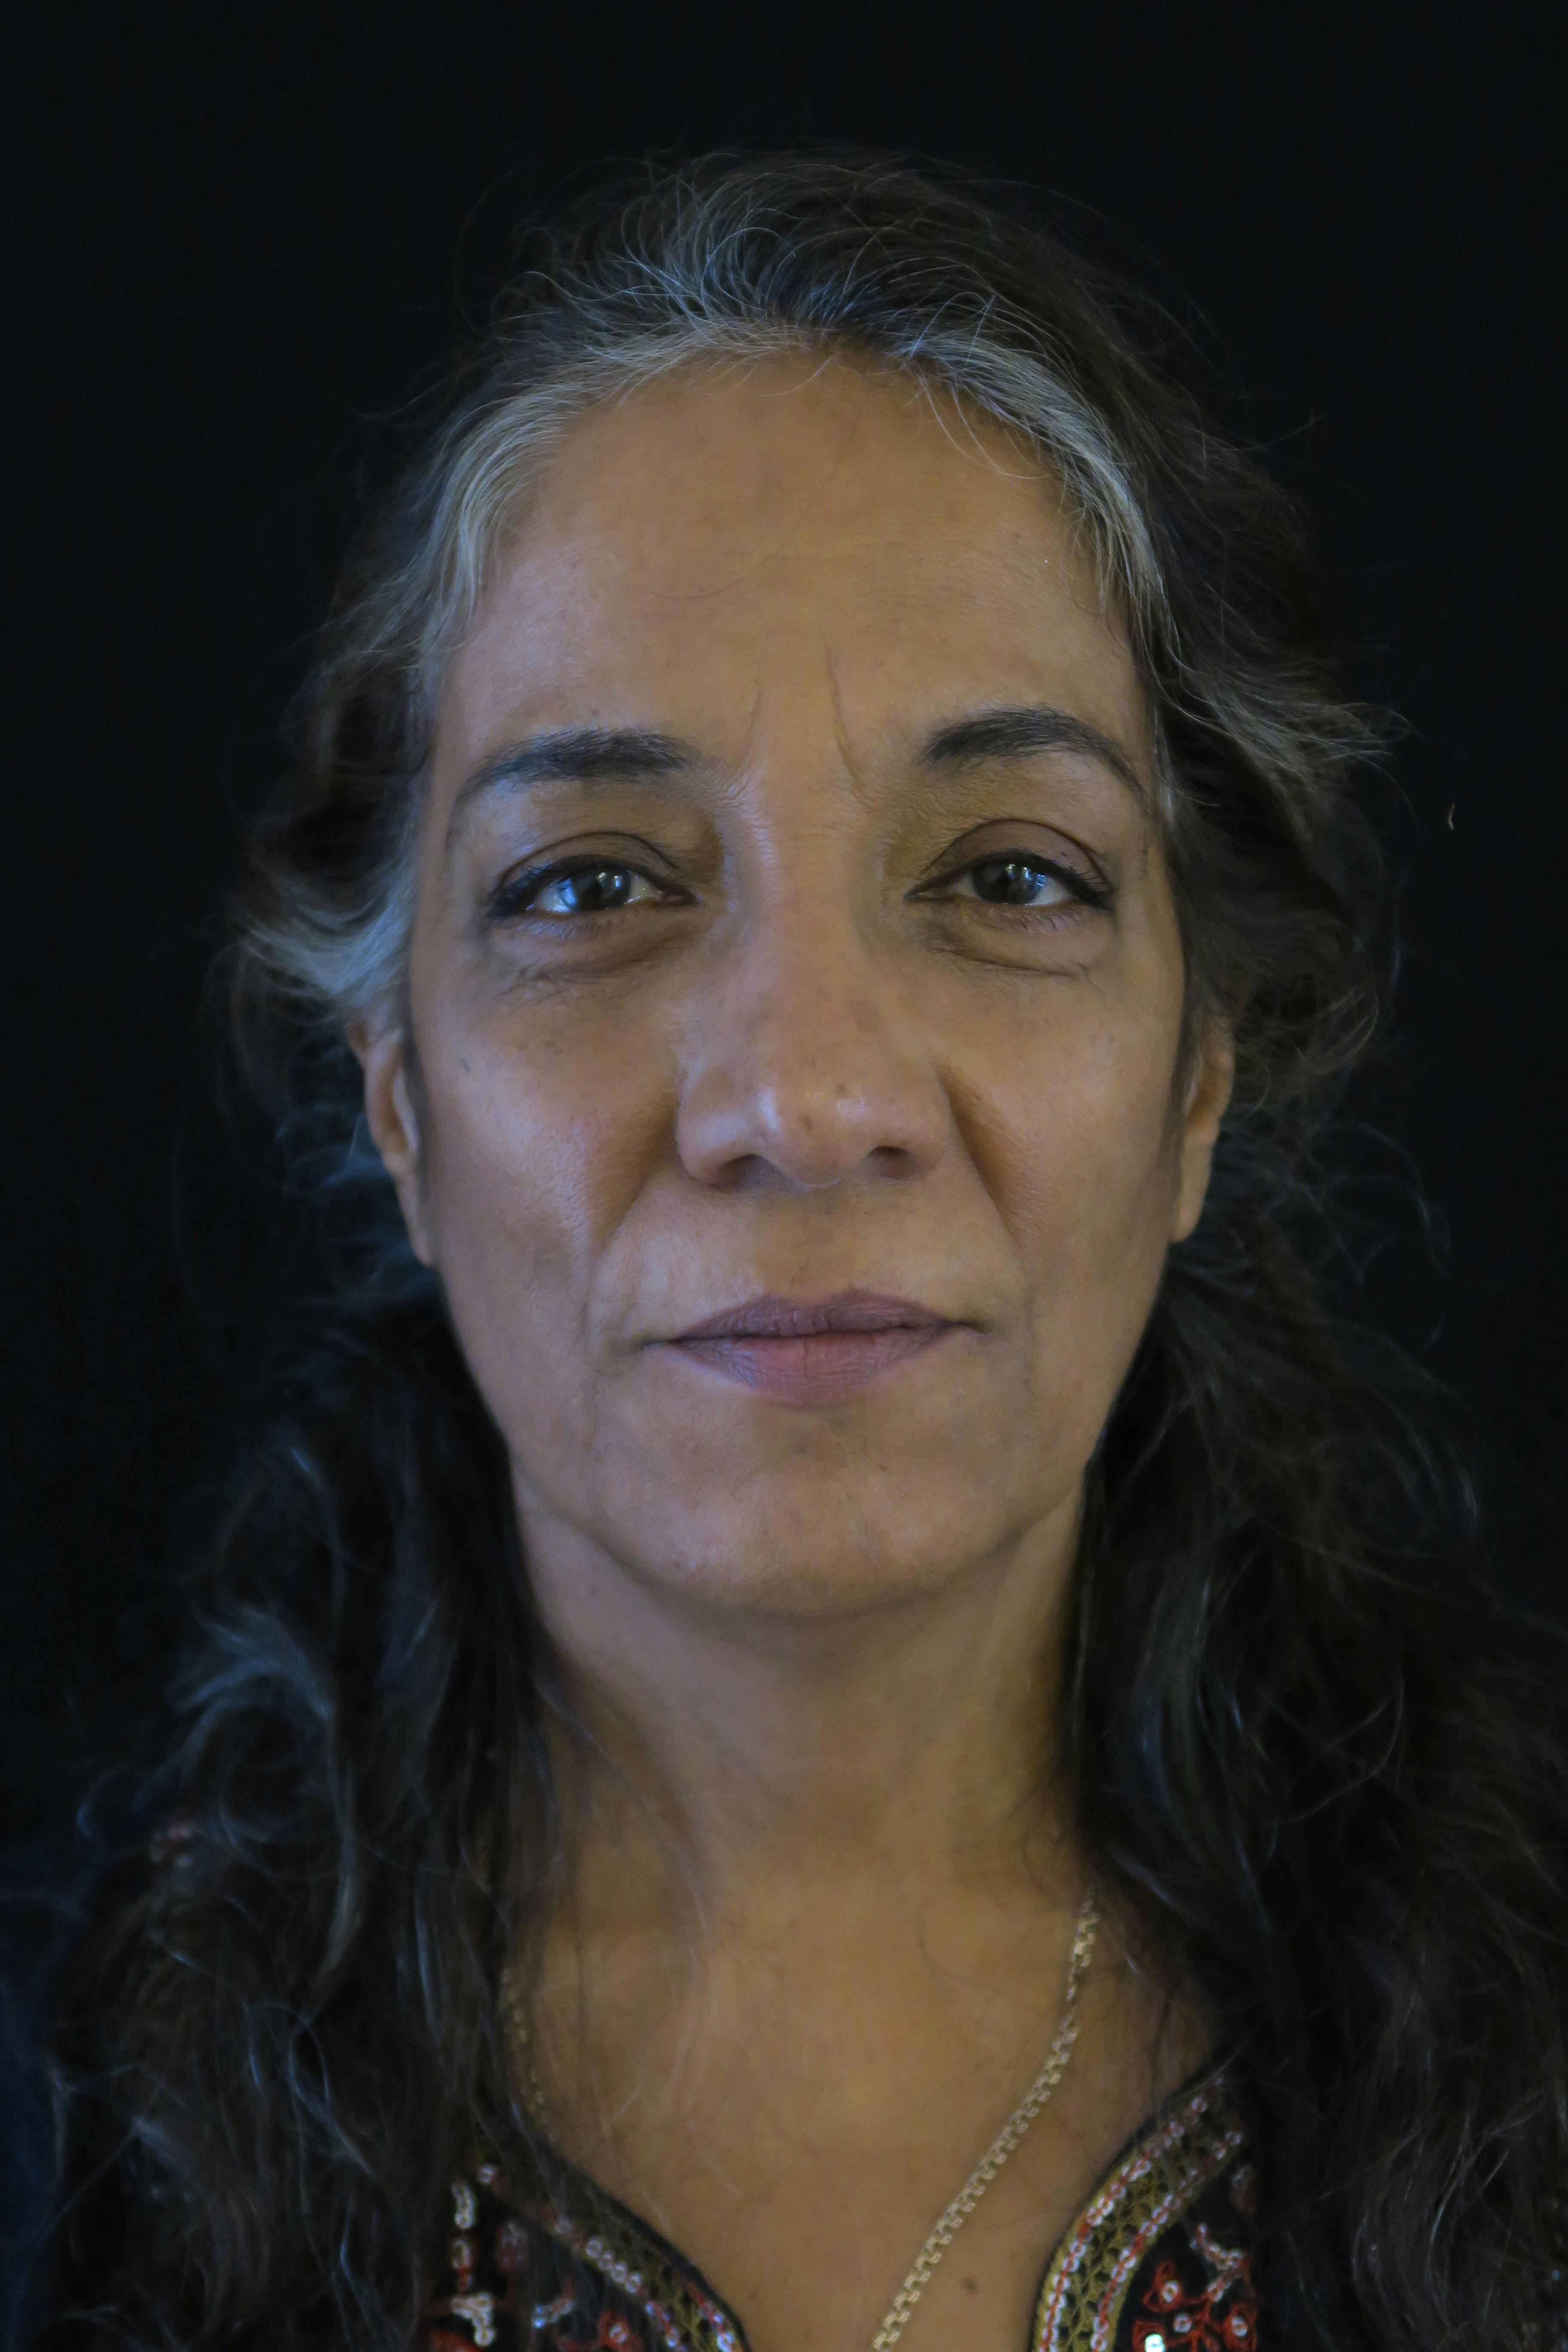 Fulbright Israel, Ilana Shazor (Sogaoker), 2016-2017